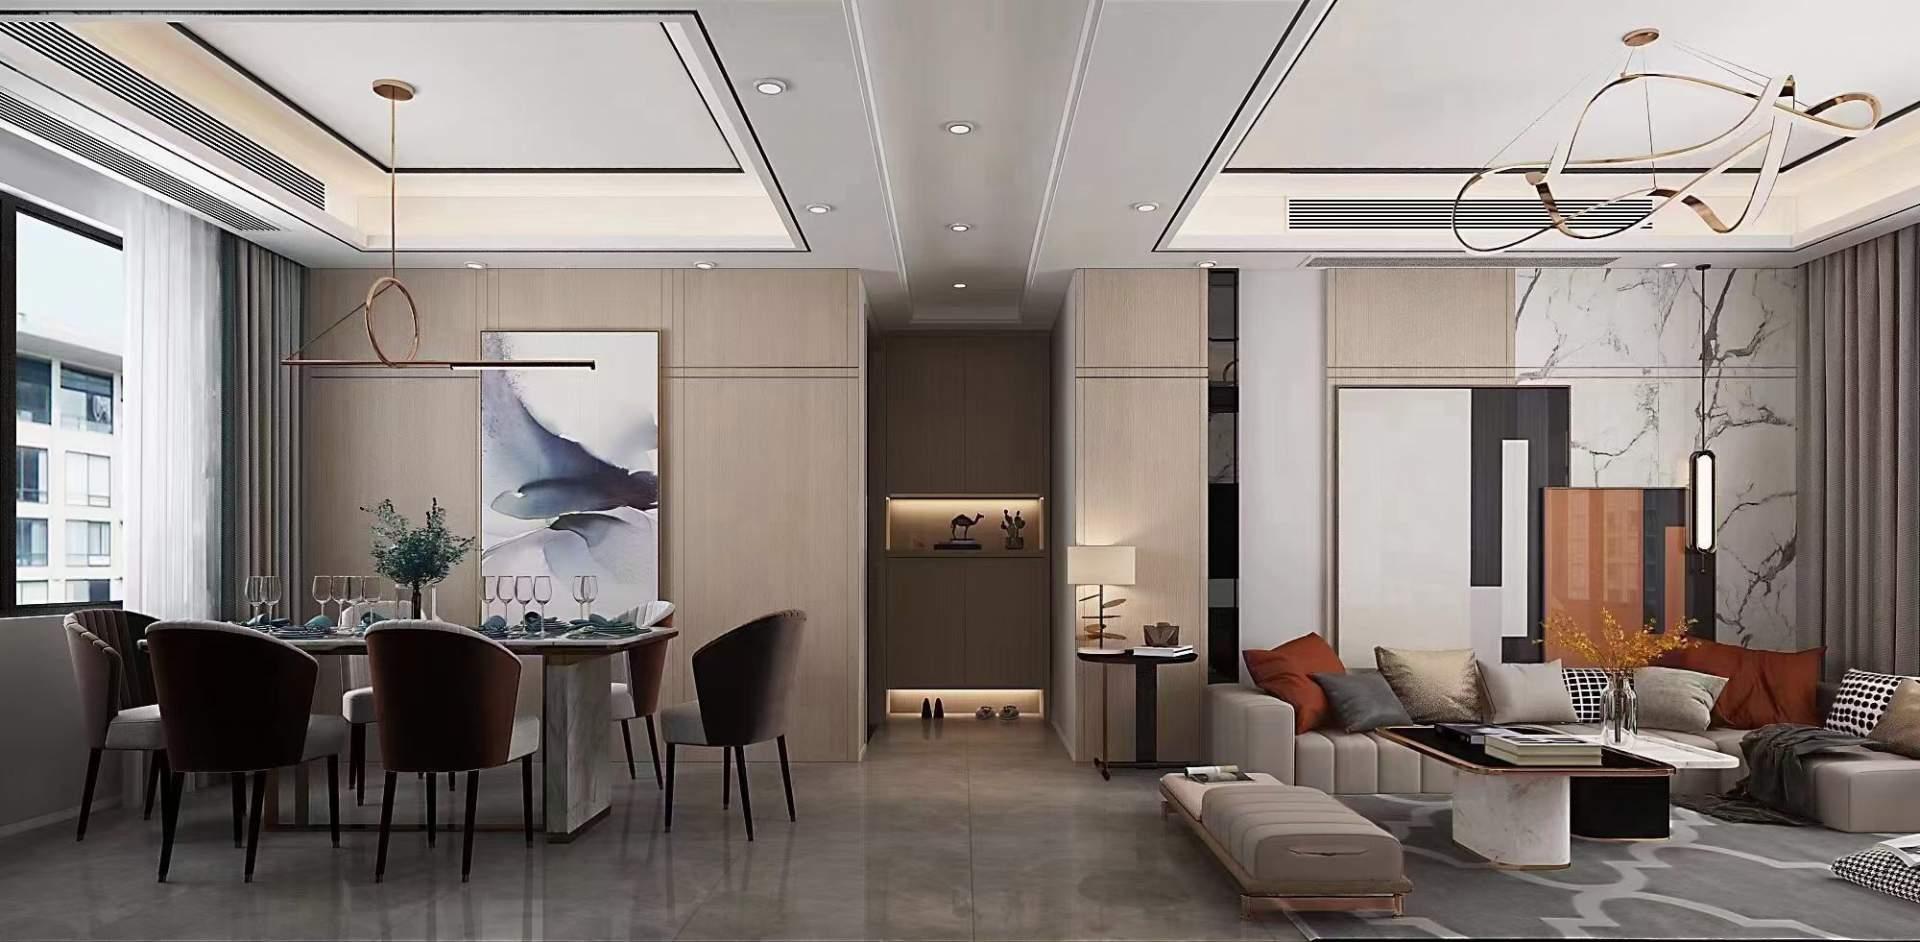 2021年理想湾现代轻奢风设计案例